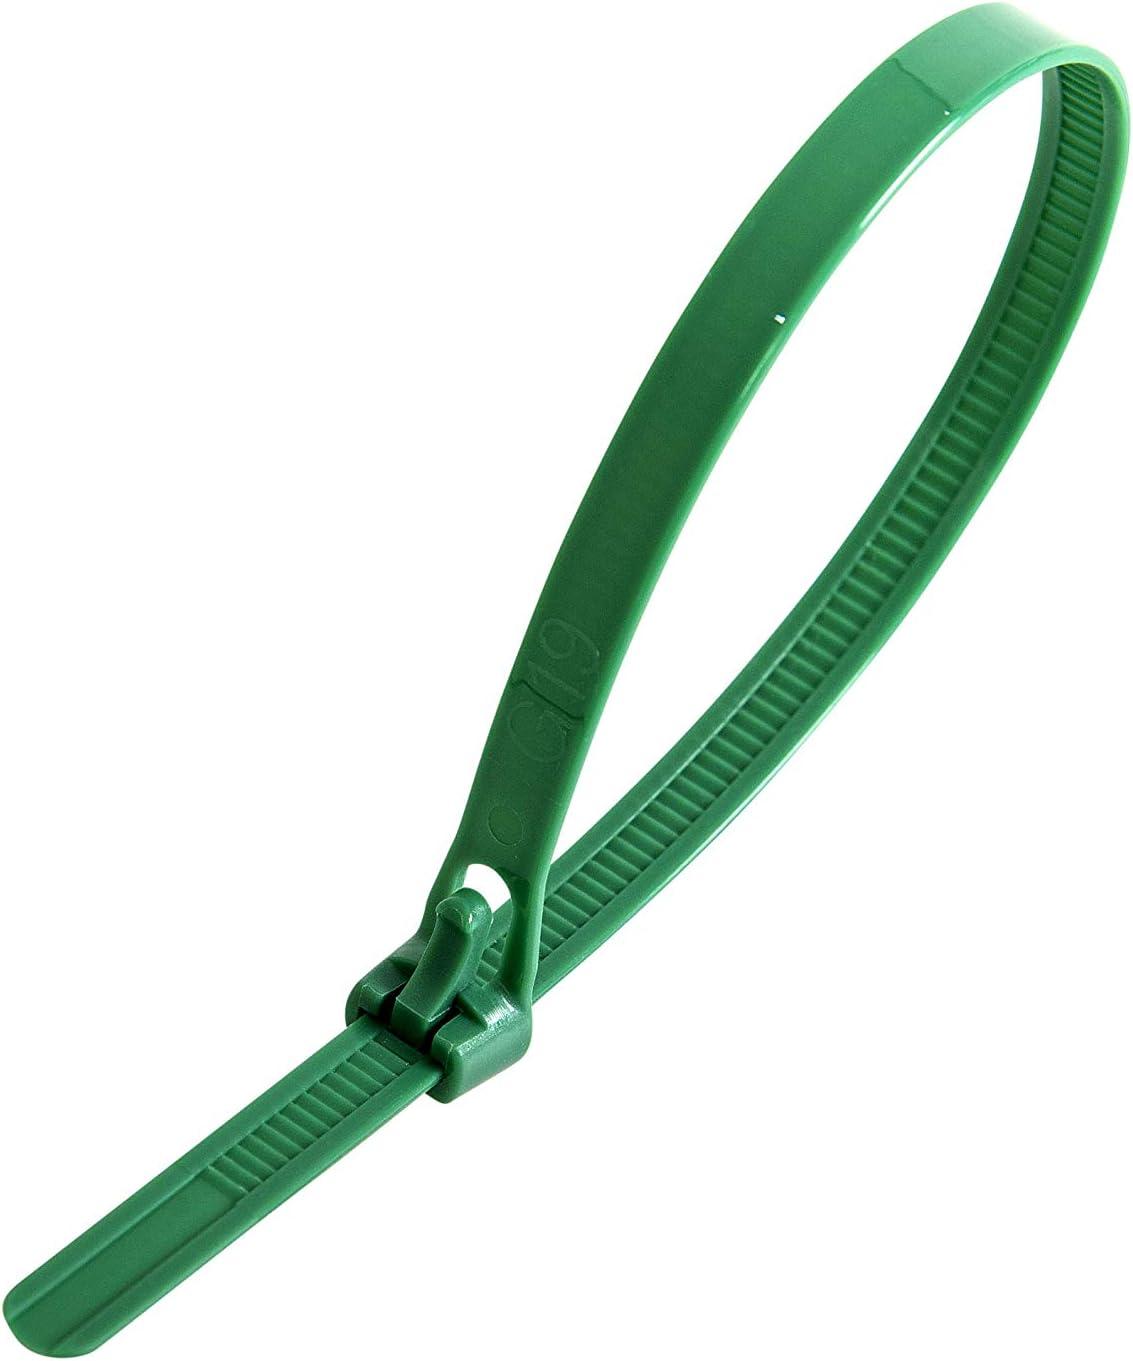 Gocableties 100 Stück Kabelbinder Wiederverwendbar Grün 250 Mm X 7 6 Mm Premiumqualität Kabelbinder Lösbar Set Baumarkt